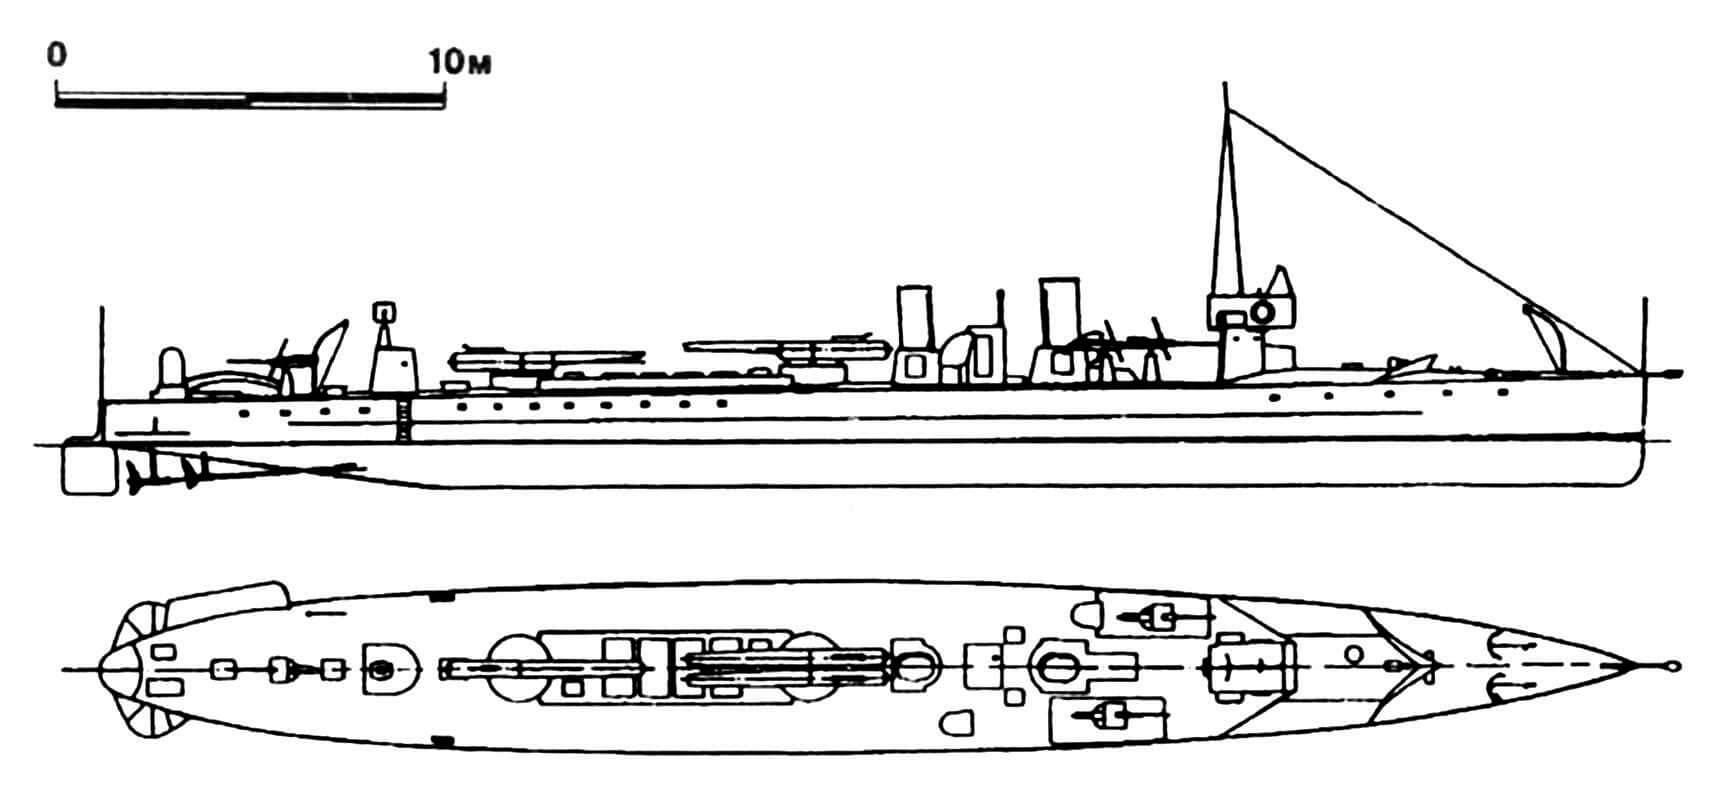 105. Миноносец № 1, Испания, 1910 г. Строился в Испании. Водоизмещение нормальное 177 т, полное 190 т. Длина наибольшая 50 м, ширина 5 м, осадка средняя 1,6 м. Мощность трехвальной паротурбинной установки 3750 л.с., скорость 26 узлов. Вооружение: три 450-мм торпедных аппарата, три 47-мм пушки. Всего в 1910—1919 гг. построено 22 единицы: № 1—22. Миноносцы, начиная с № 8, имели двухвальную паротурбинную установку. Служили до 1930—1940-х гг. Последний — № 17 — сдан на слом в 1952 г.